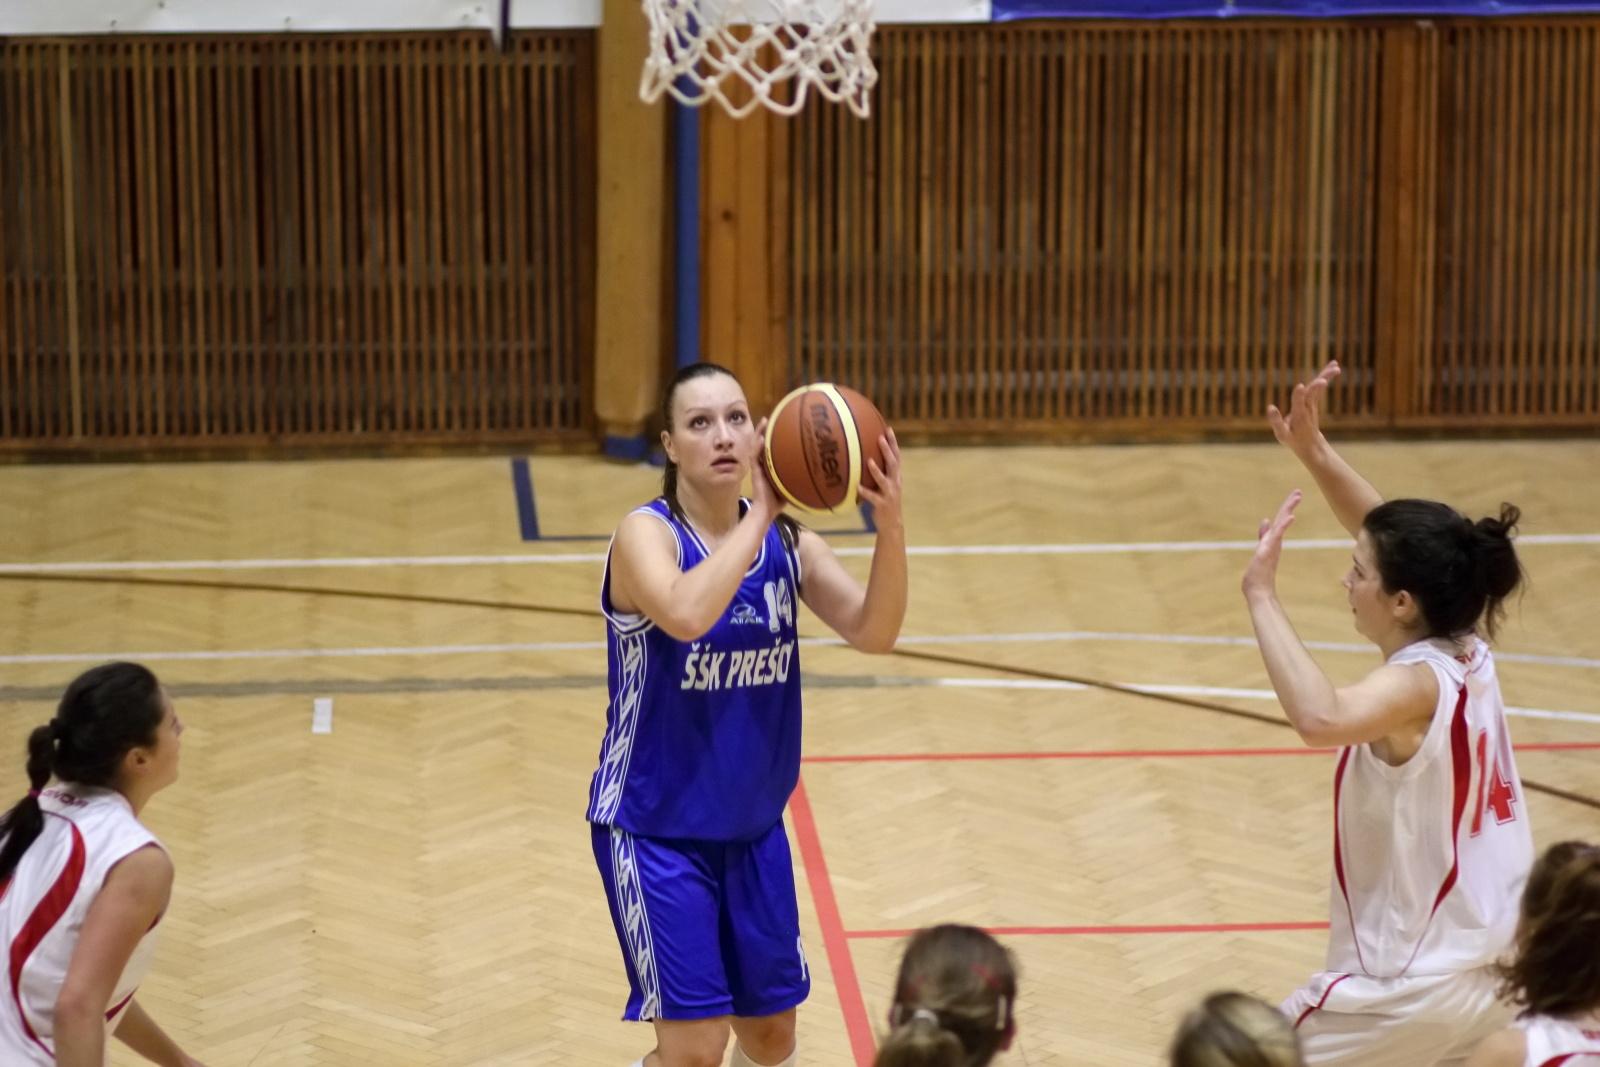 bk-zvolen-eilat-presov-basketbal-sp-zeny-8